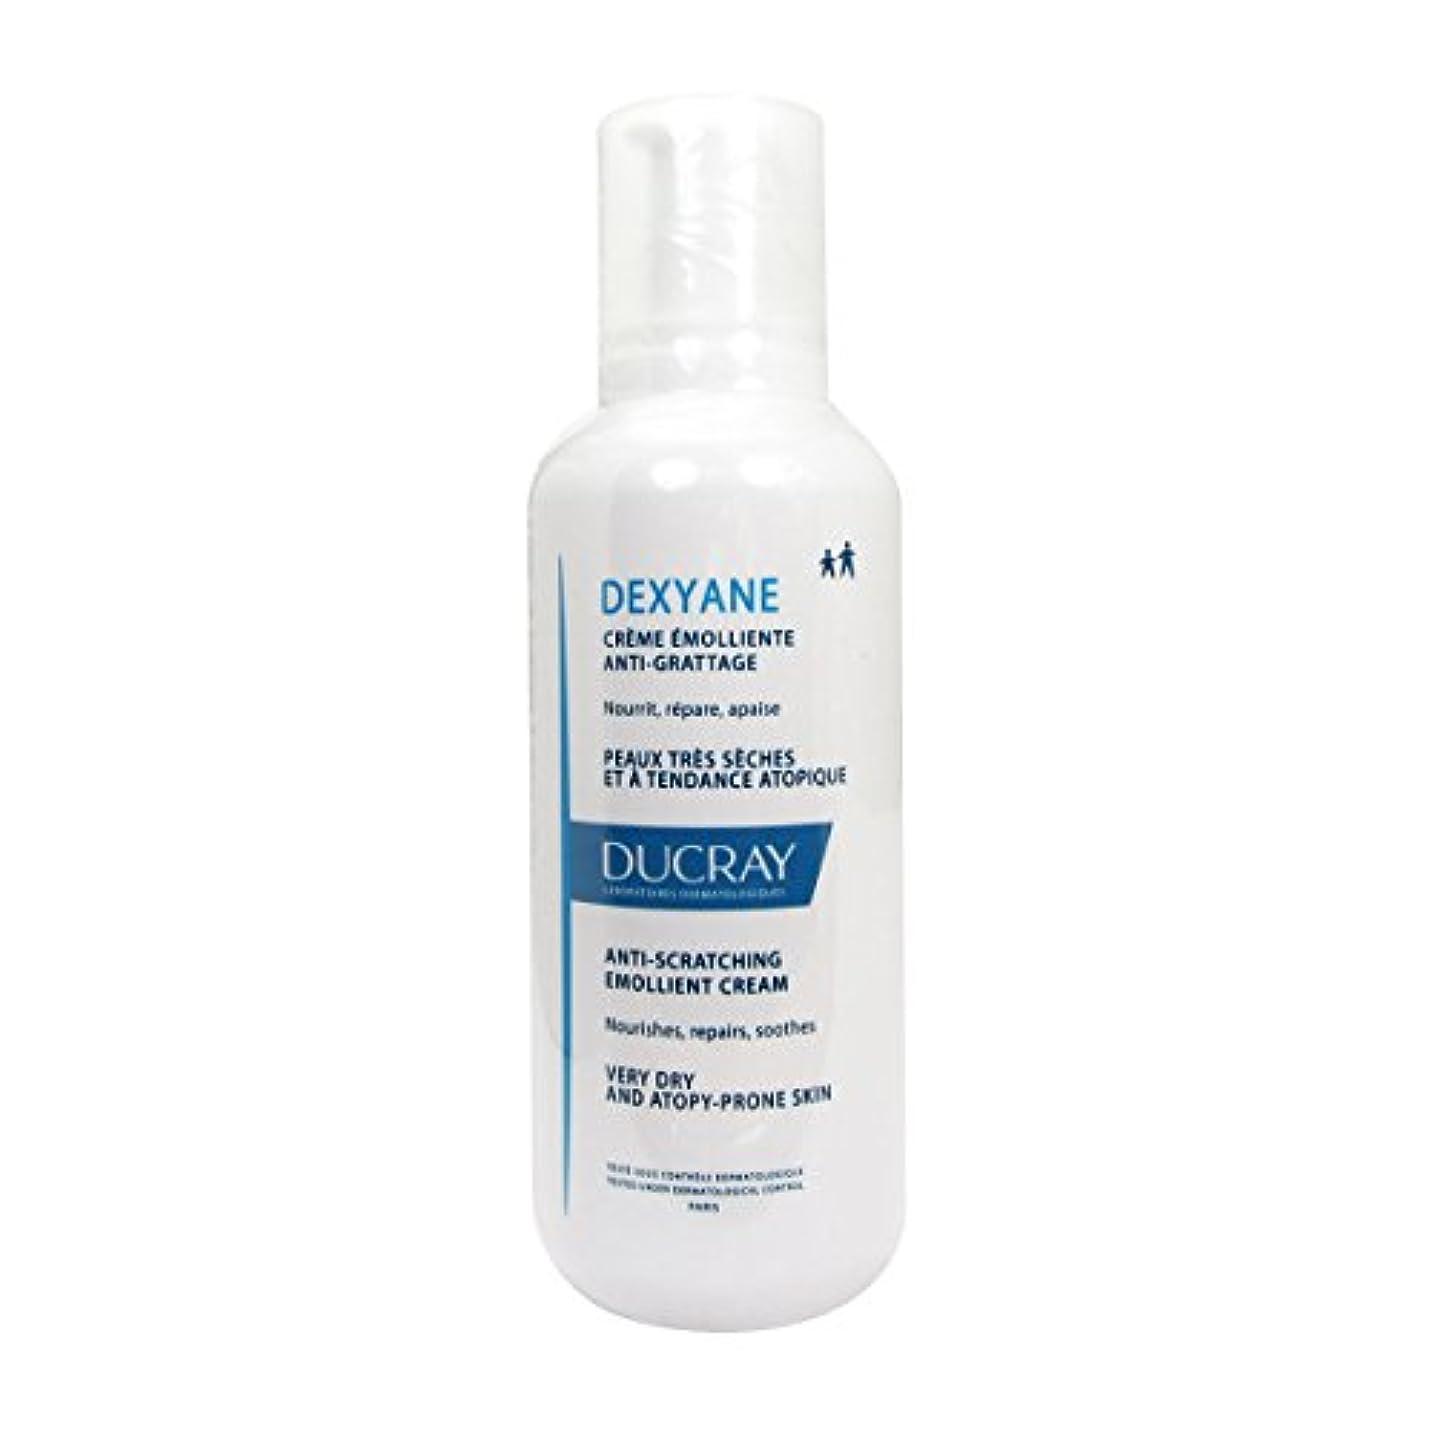 共和党民主主義オズワルドDucray Dexyane Anti-scratching Emollient Cream 400ml [並行輸入品]